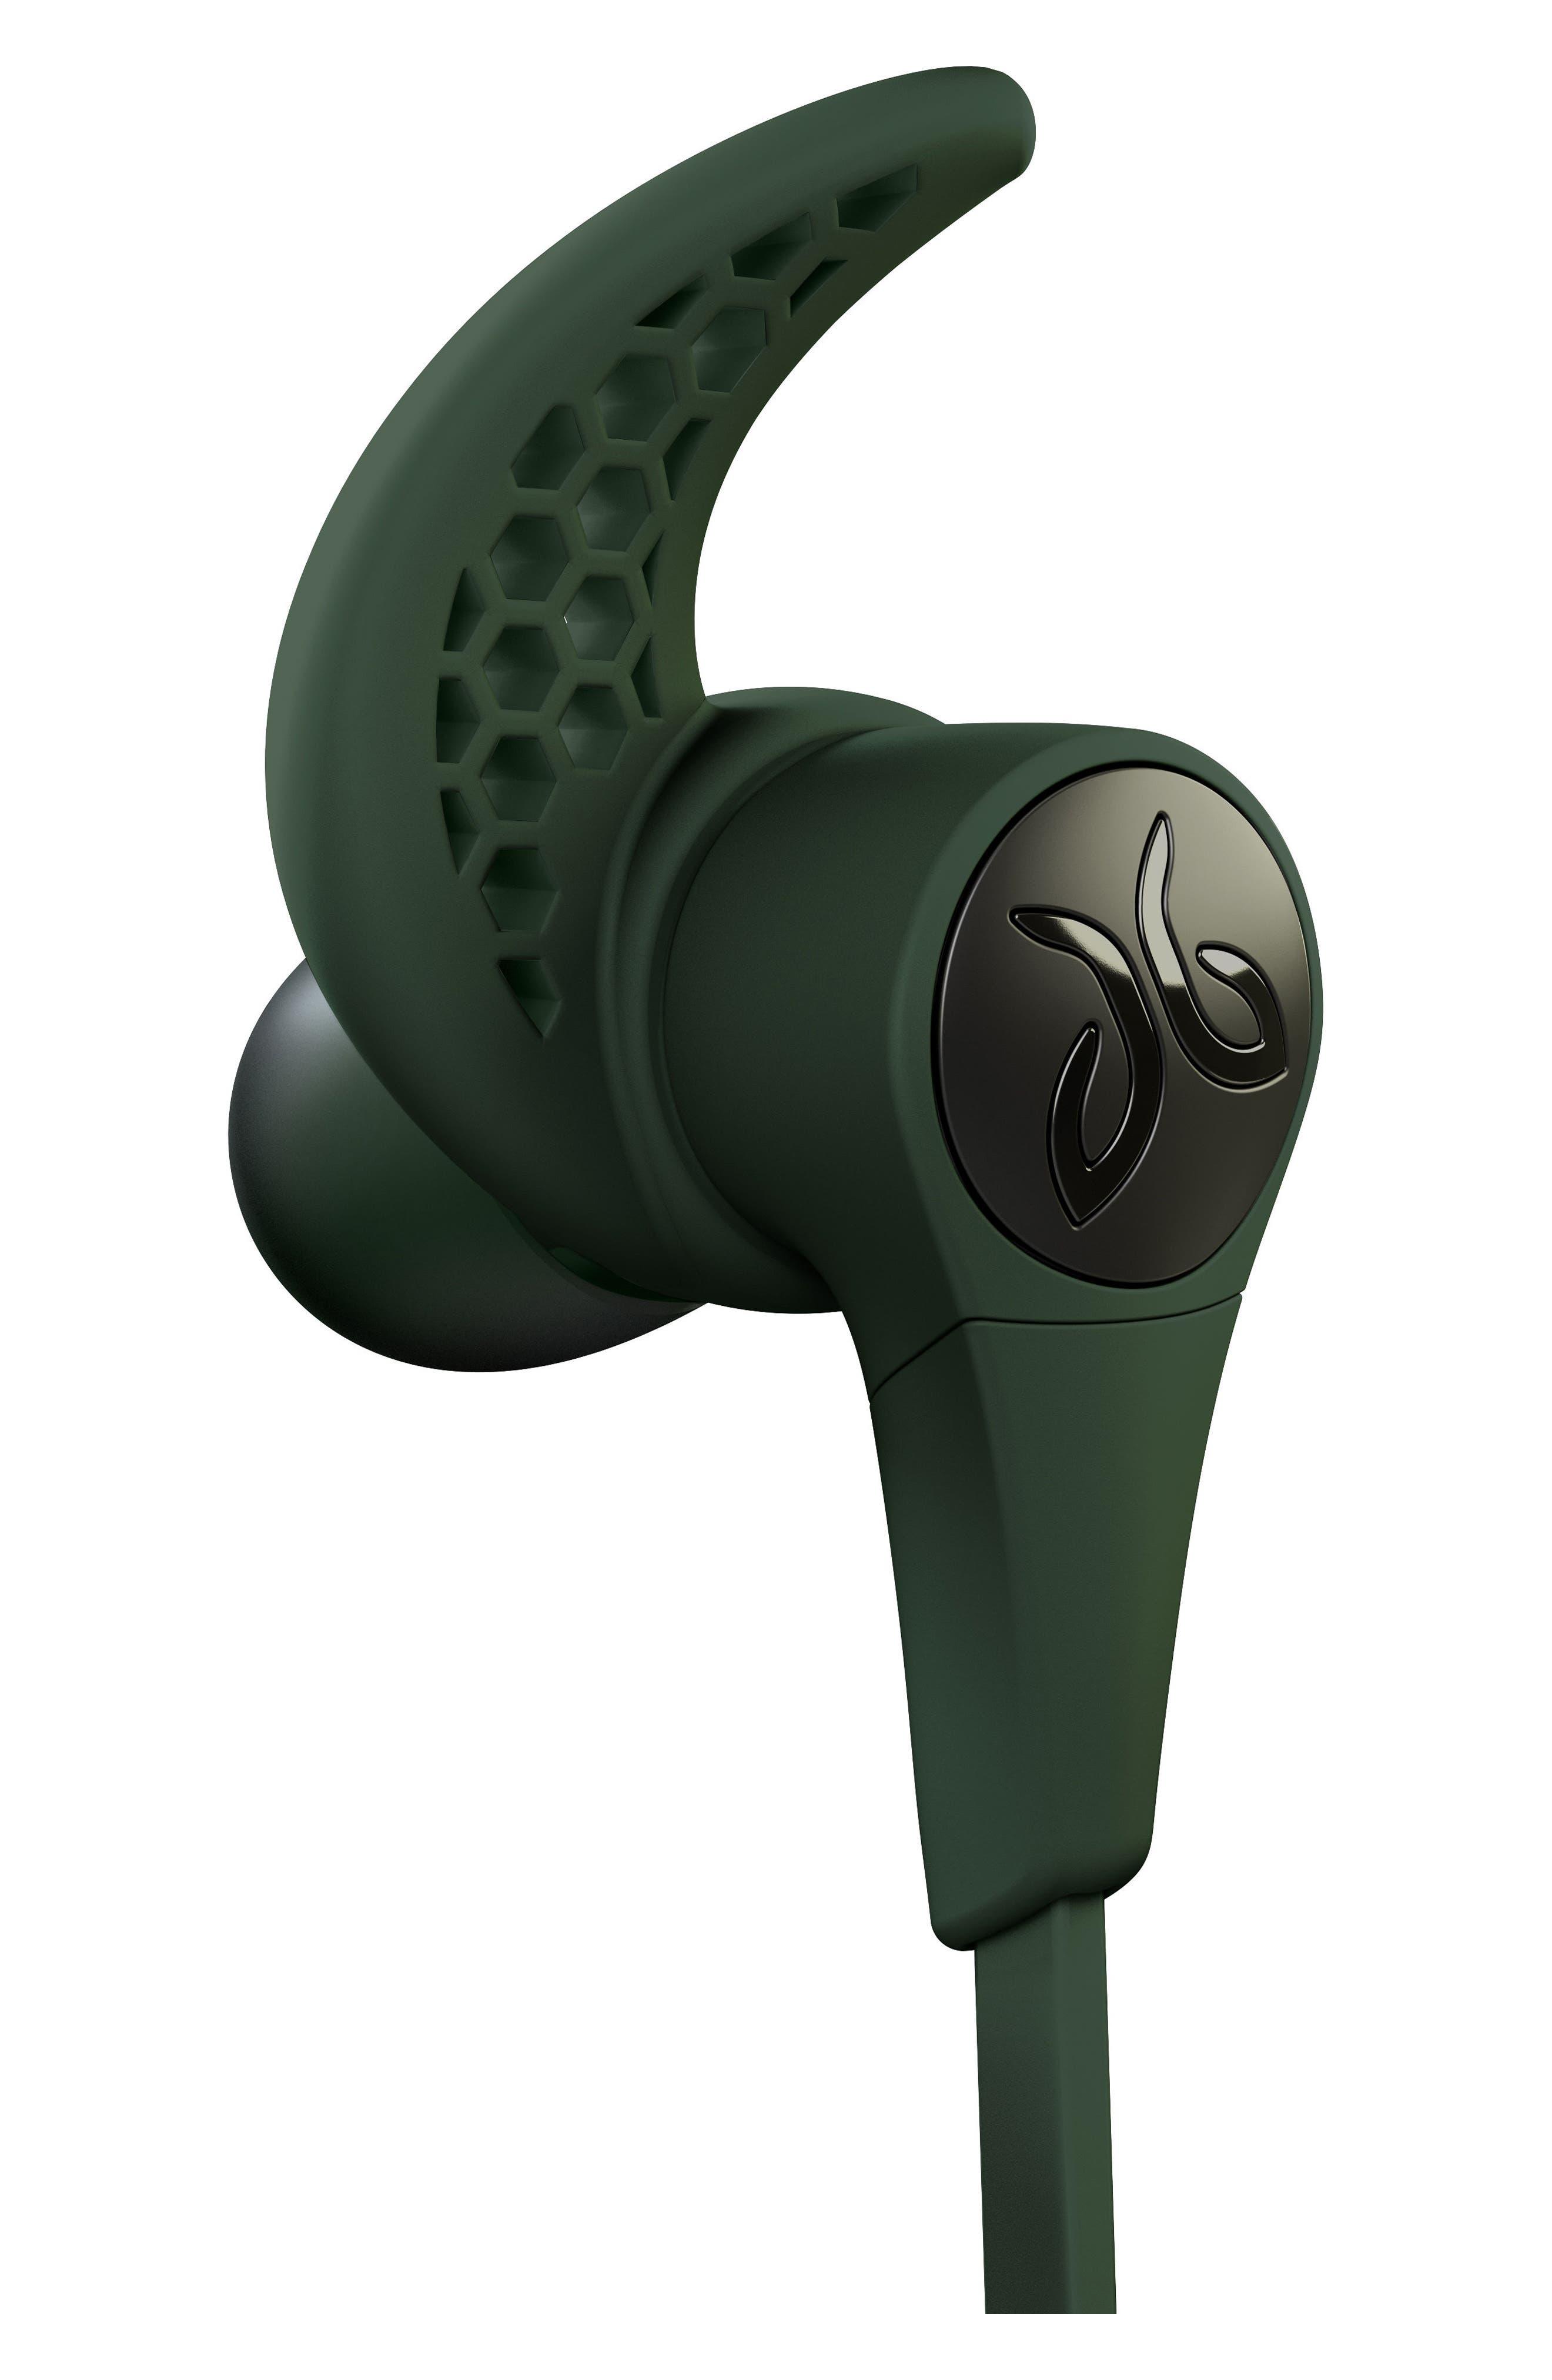 Alternate Image 2  - Jaybird x3 Sport BT Wireless Earbuds